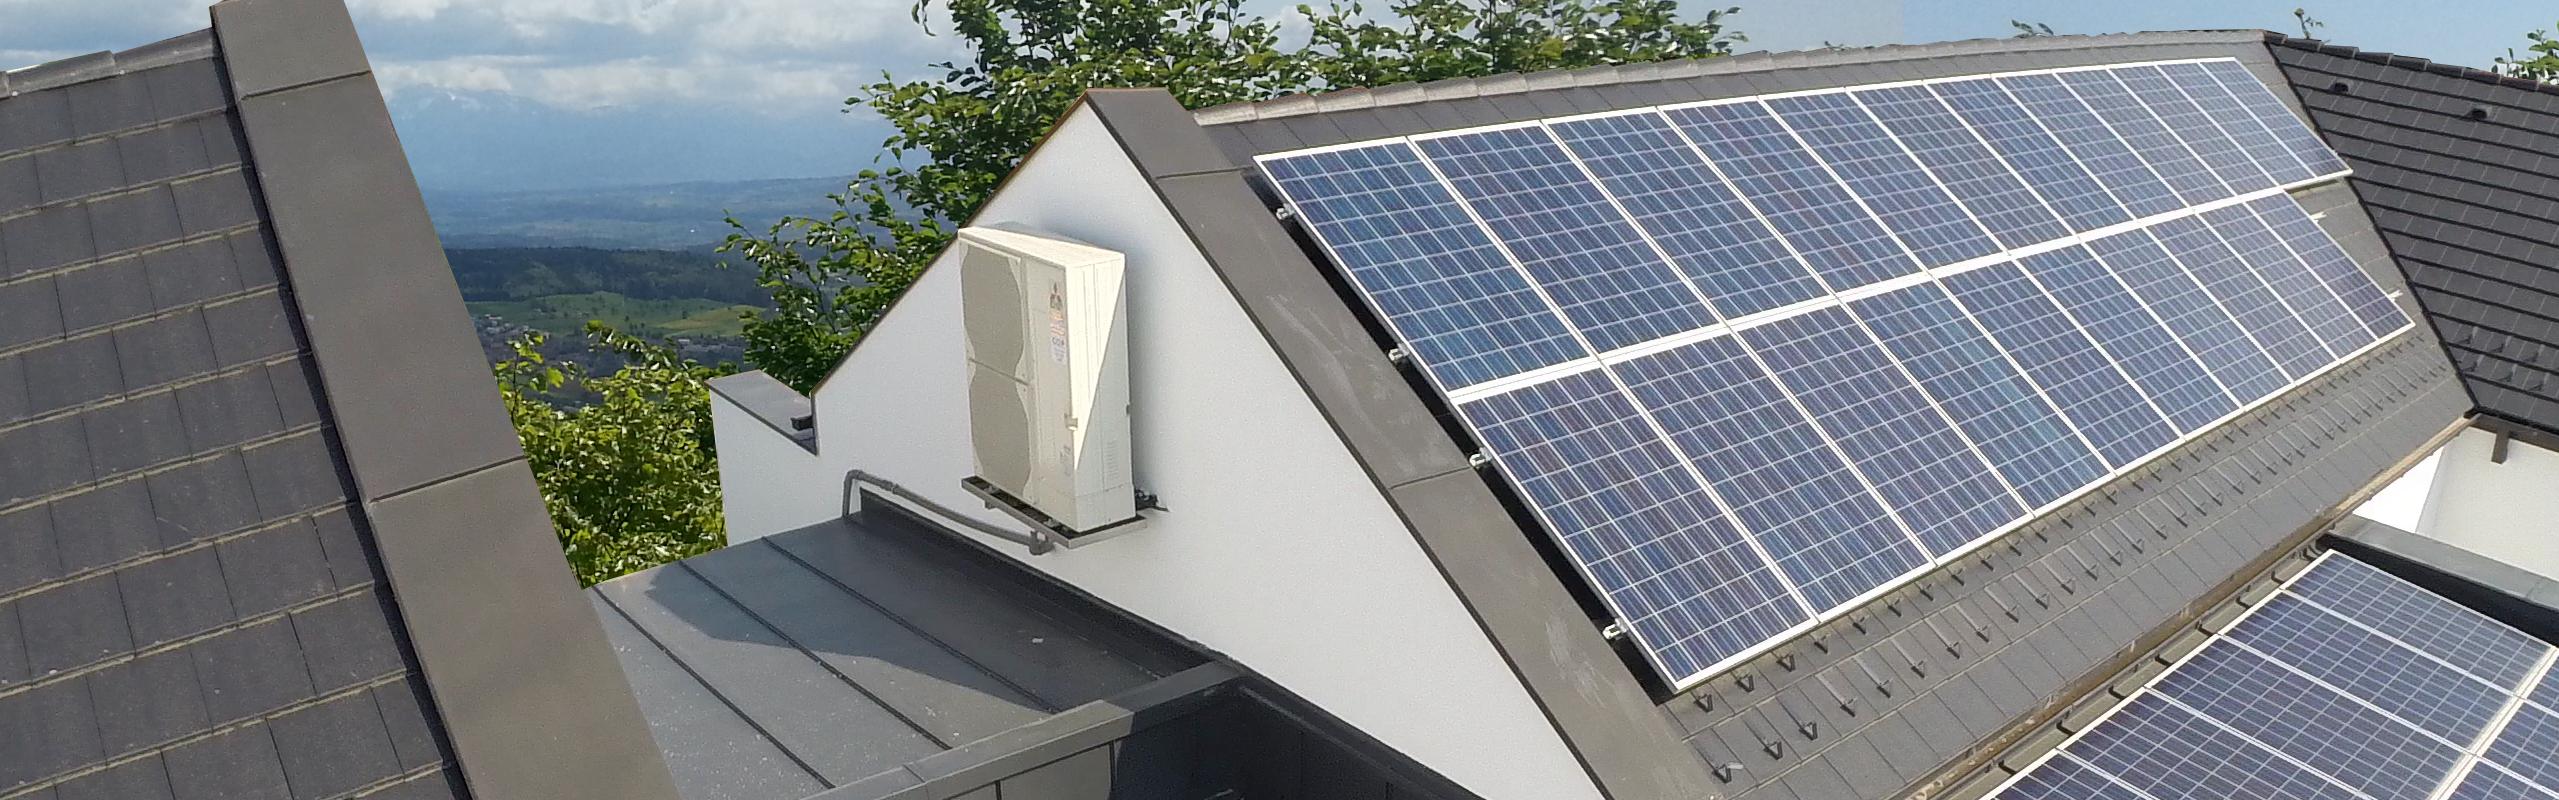 Hőszivattyú és napelem: rezsifelejtő megoldás.